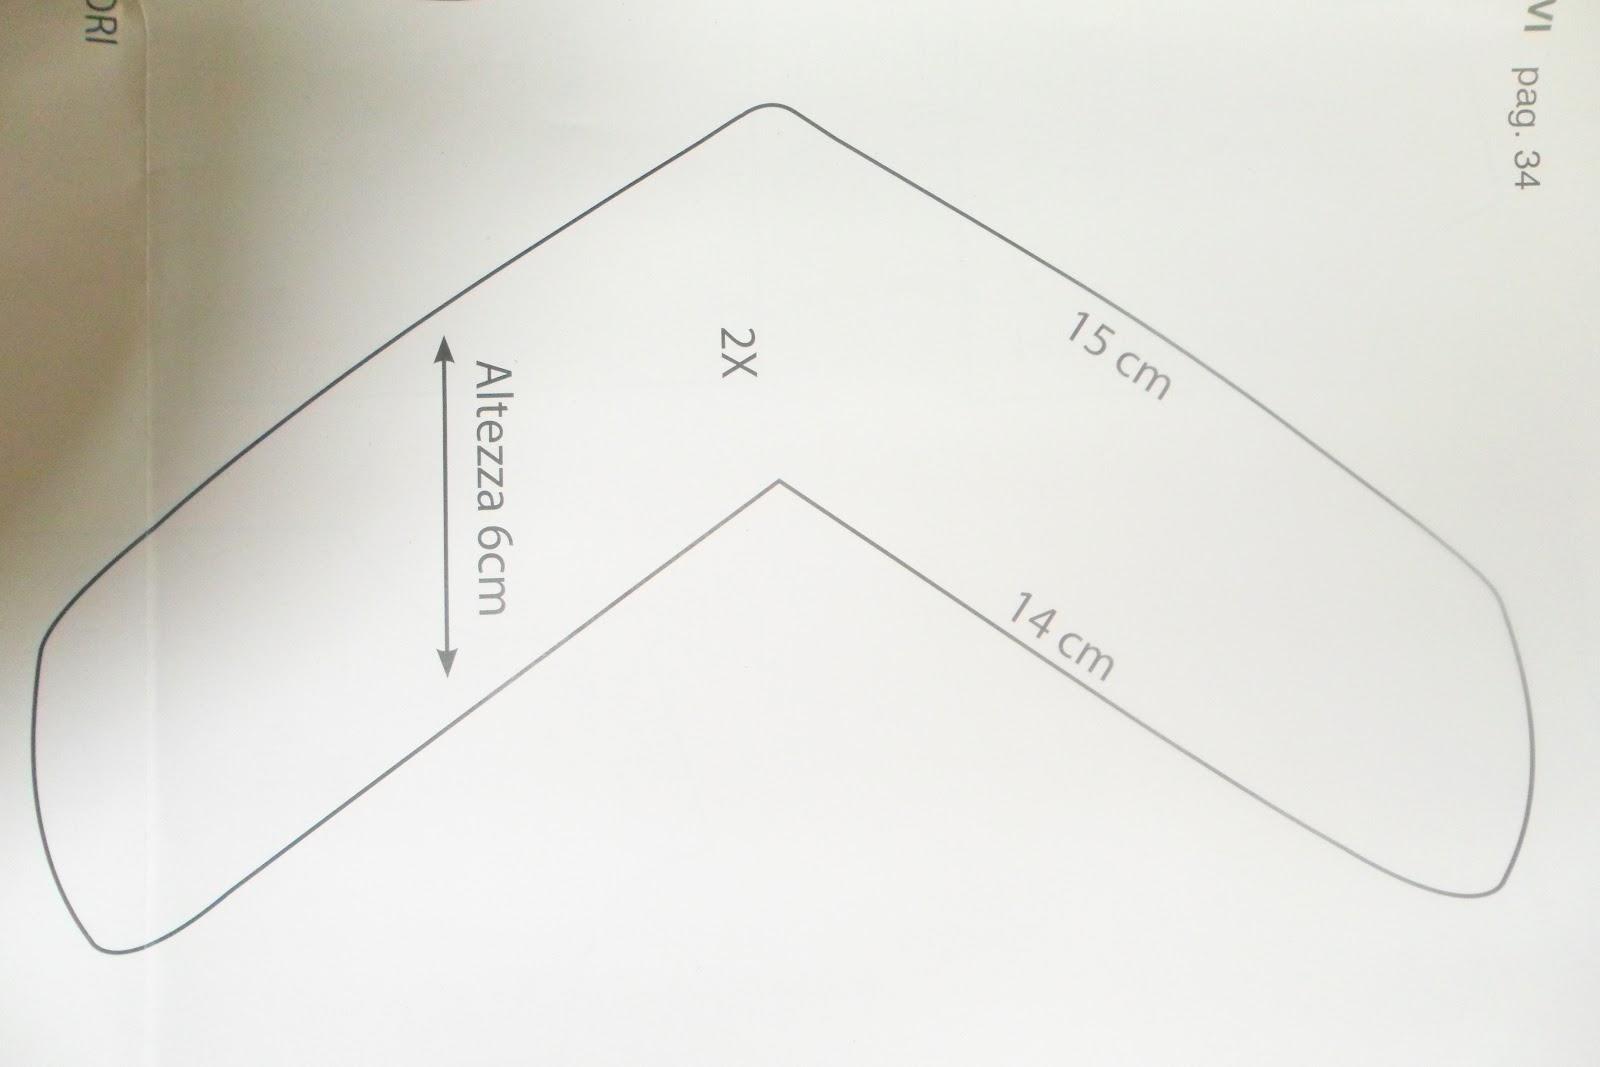 Dolci ricordi cartamodello casetta portachiavi for Software di progettazione del modello di casa